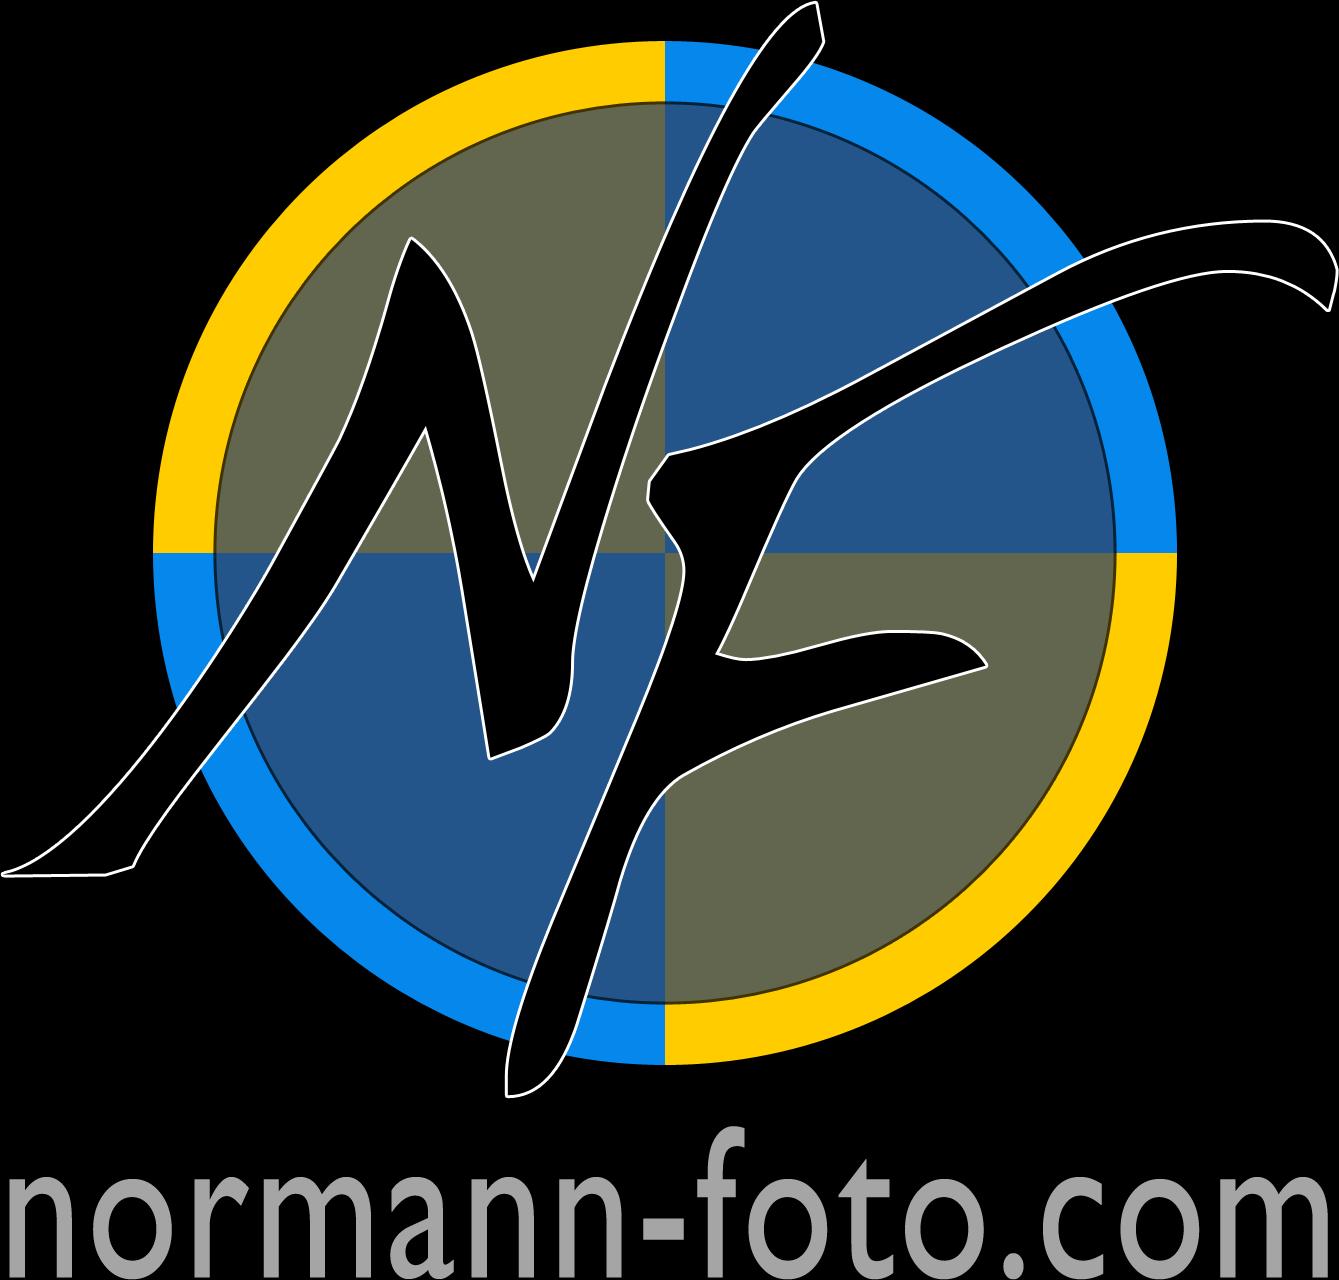 Normann Foto